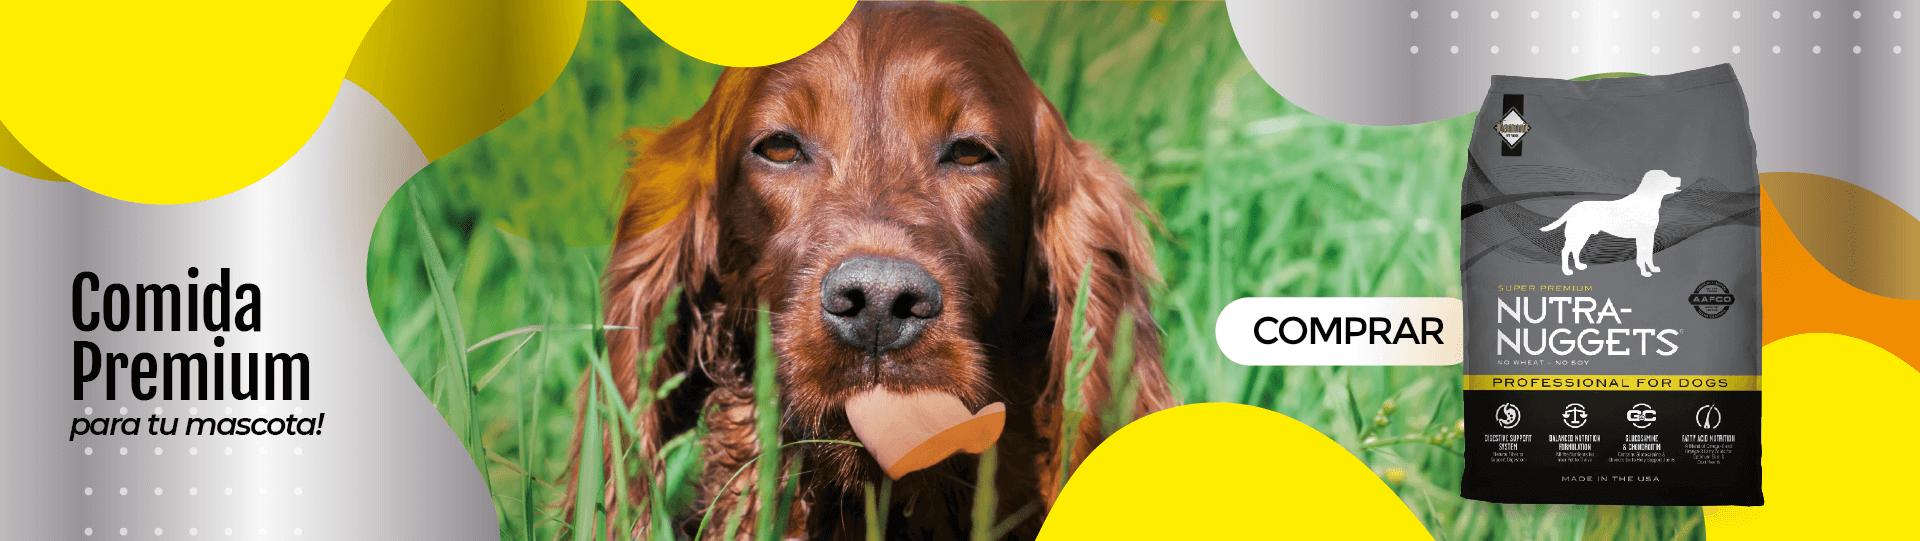 COMIDA PARA PERROS NUTRA NUGGETS  - promociones en comida para perro Agrocampo